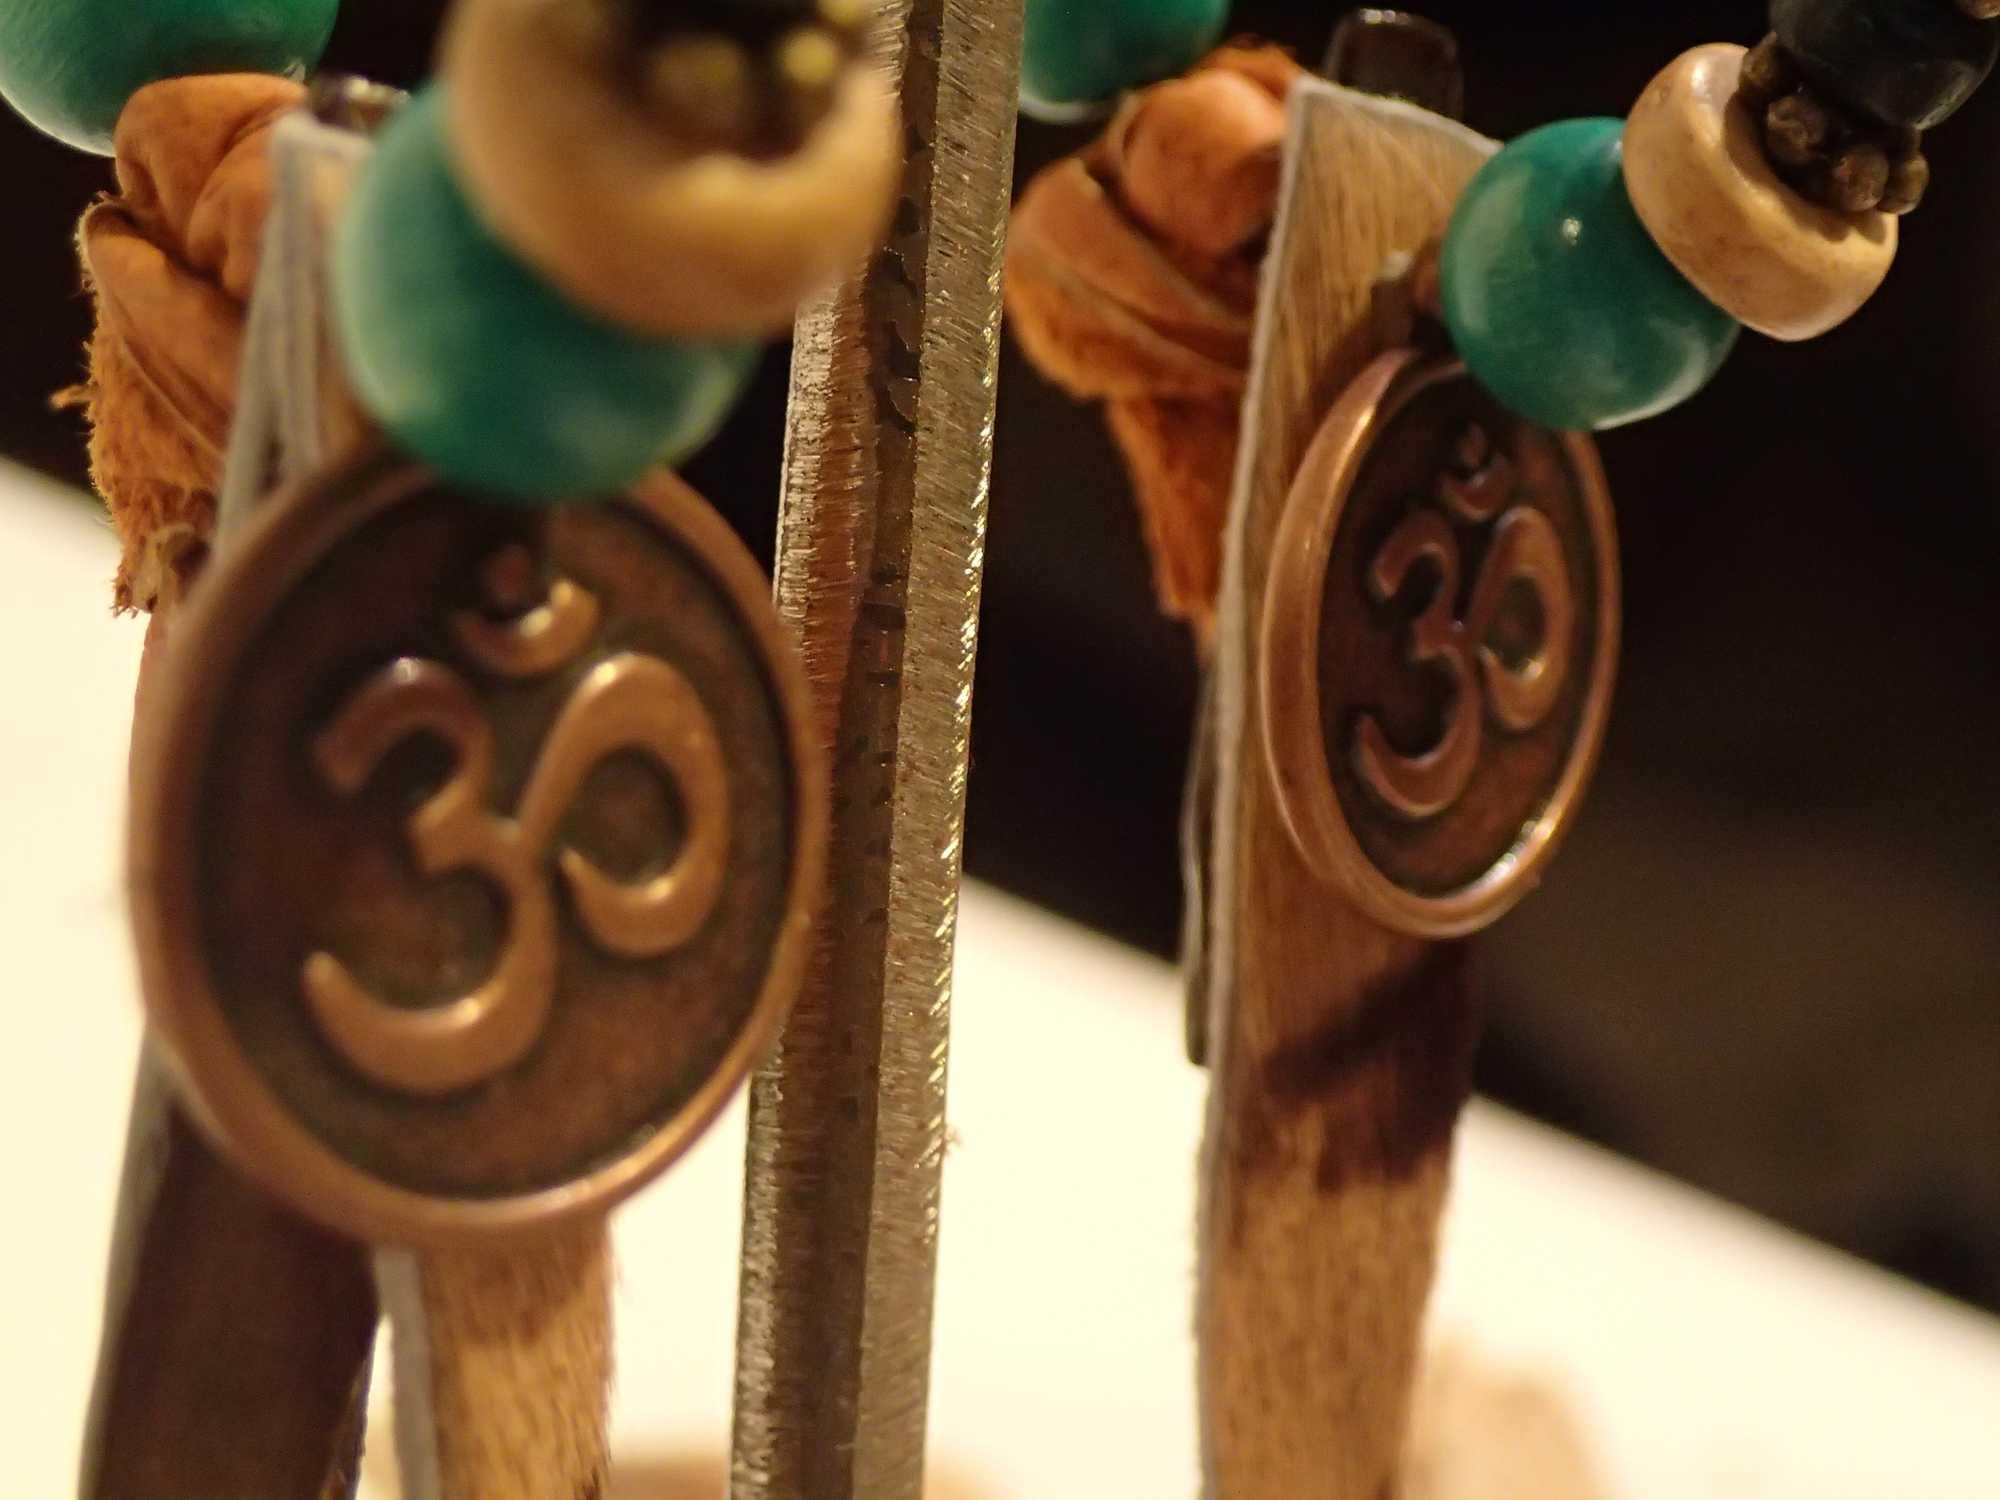 Atome-Crochu-_-product-_-boucle-oreilles-creoles-en-cuir-et-om-indien-02